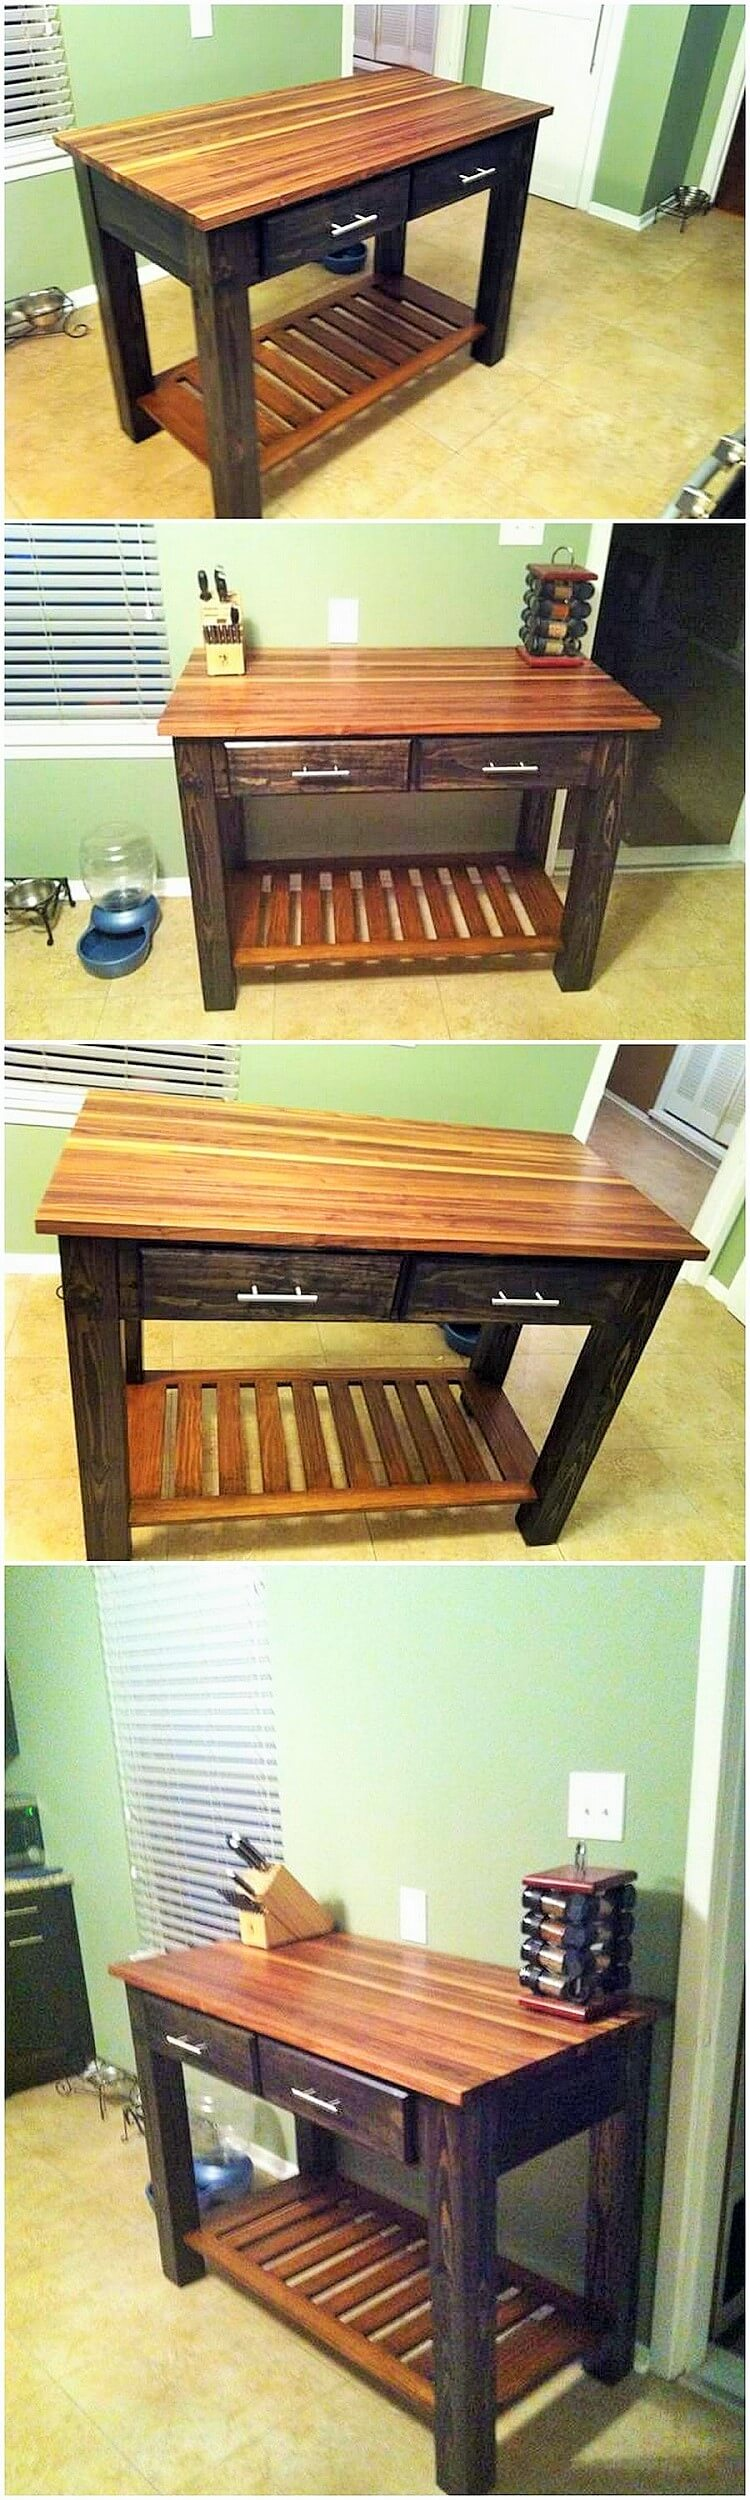 wooden kitchen banch (2)